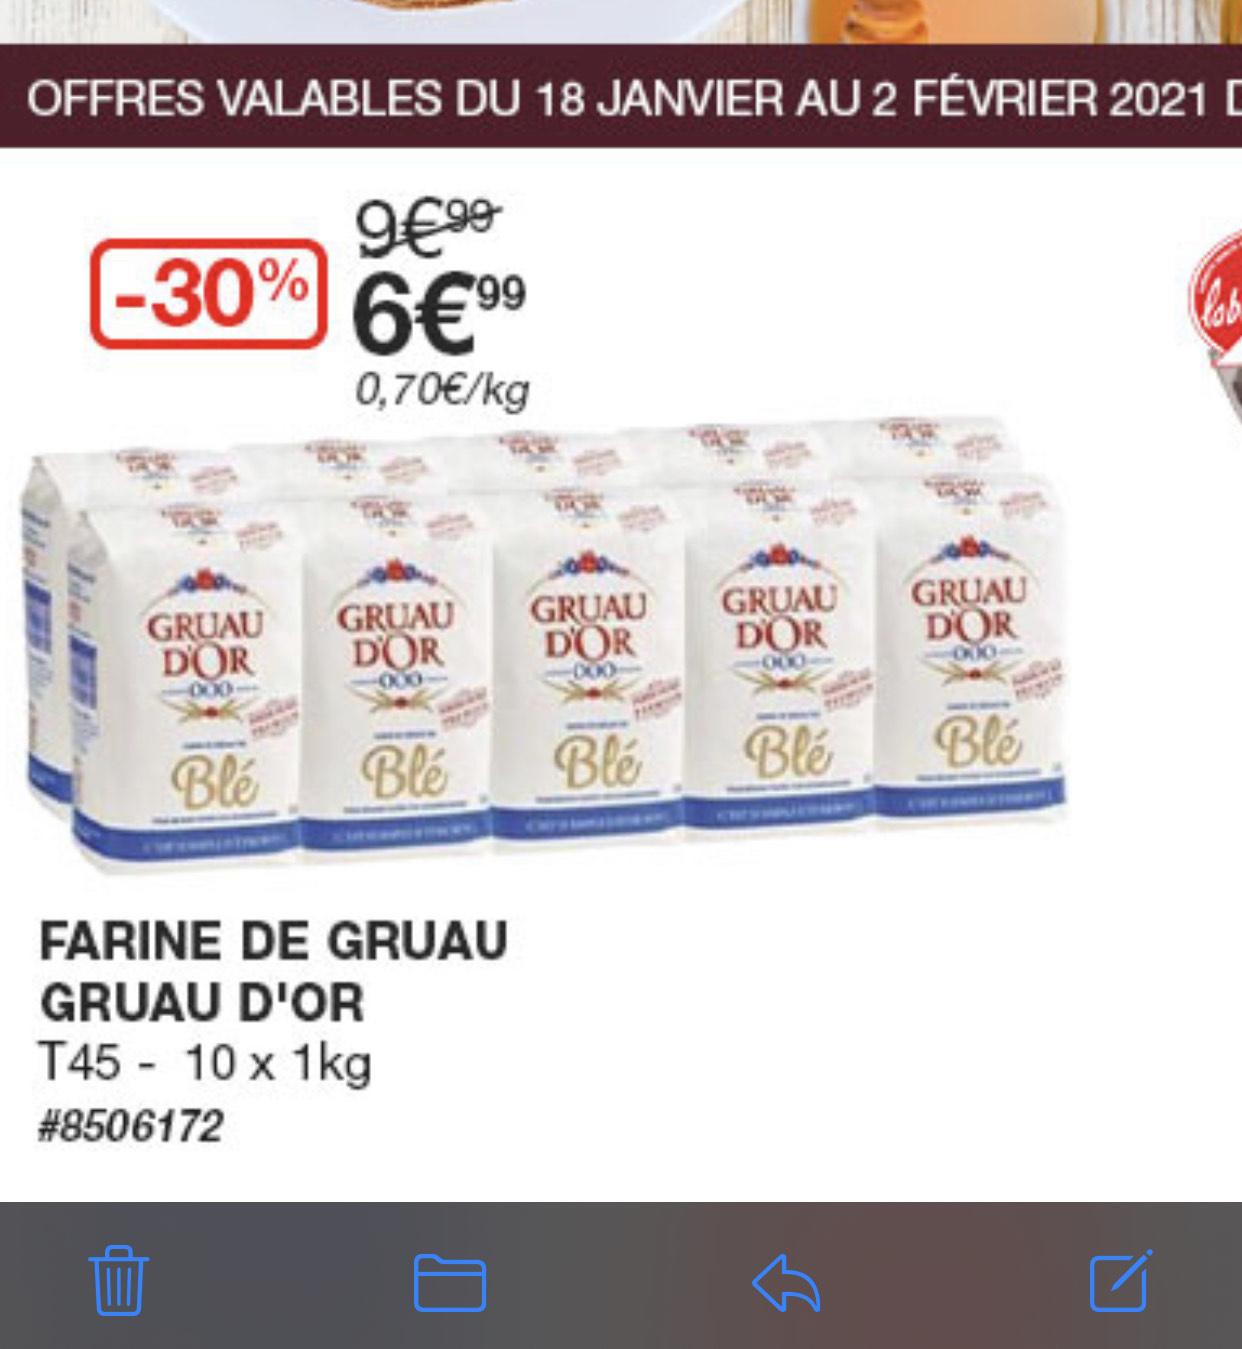 [Carte Costco] Lot de 10 paquets de de farine Gruau d'Or T45 (10 kg) - Villebon-sur-Yvette (91)